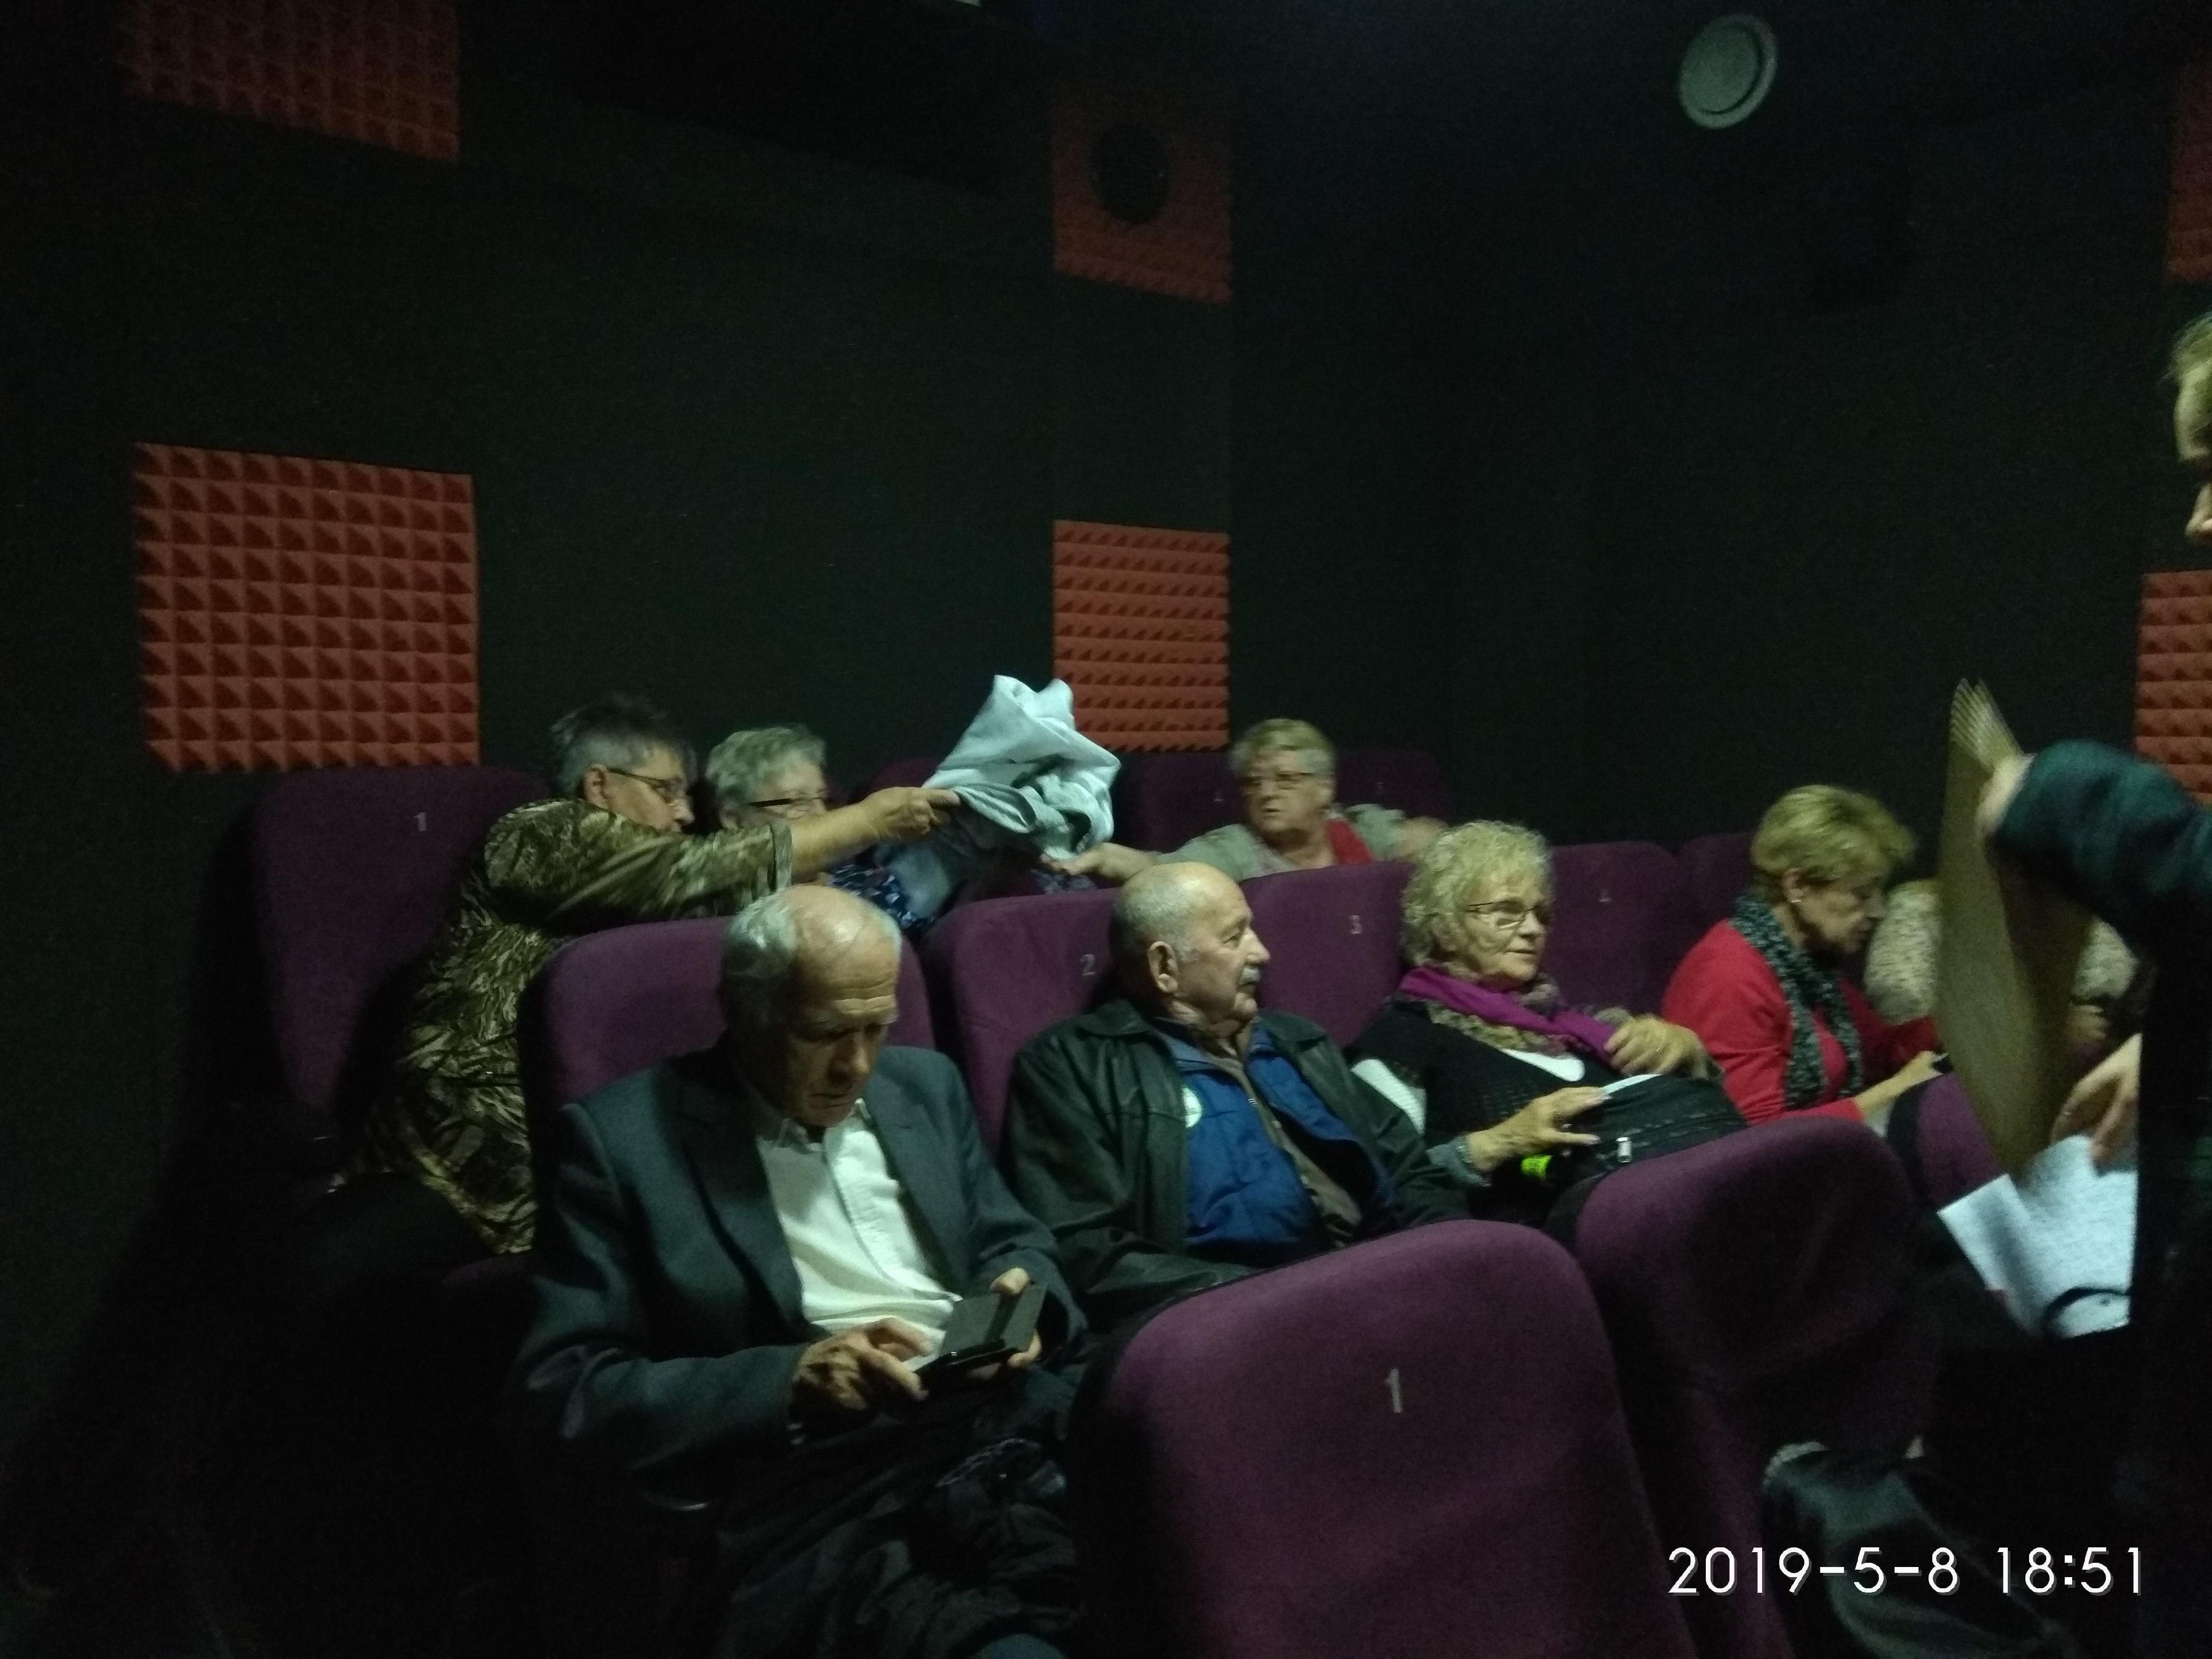 08.05.2019 uroczyste otwarcie Filmowego Klubu Seniora w Kinie Kika w Krakowie